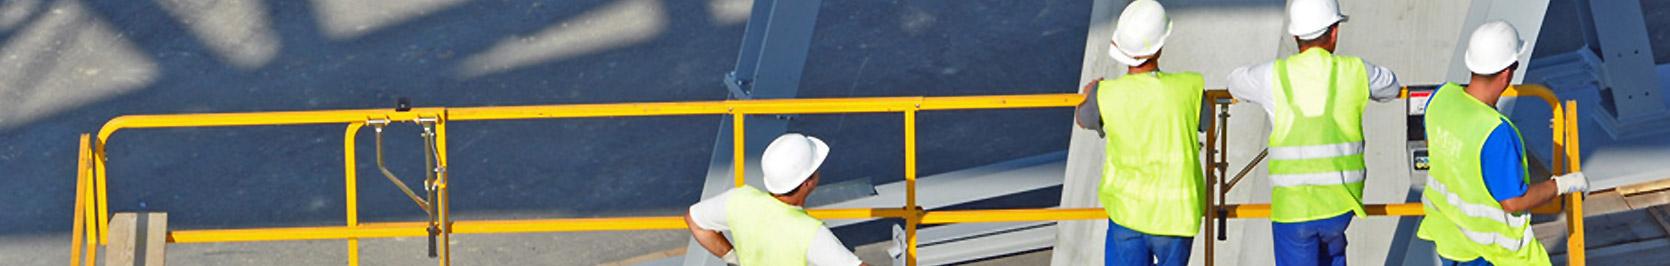 """Bedienerausweis """"Professional"""" für hydraulische Hebebühnen / Hubarbeitsbühnen / Arbeitsbühnen"""